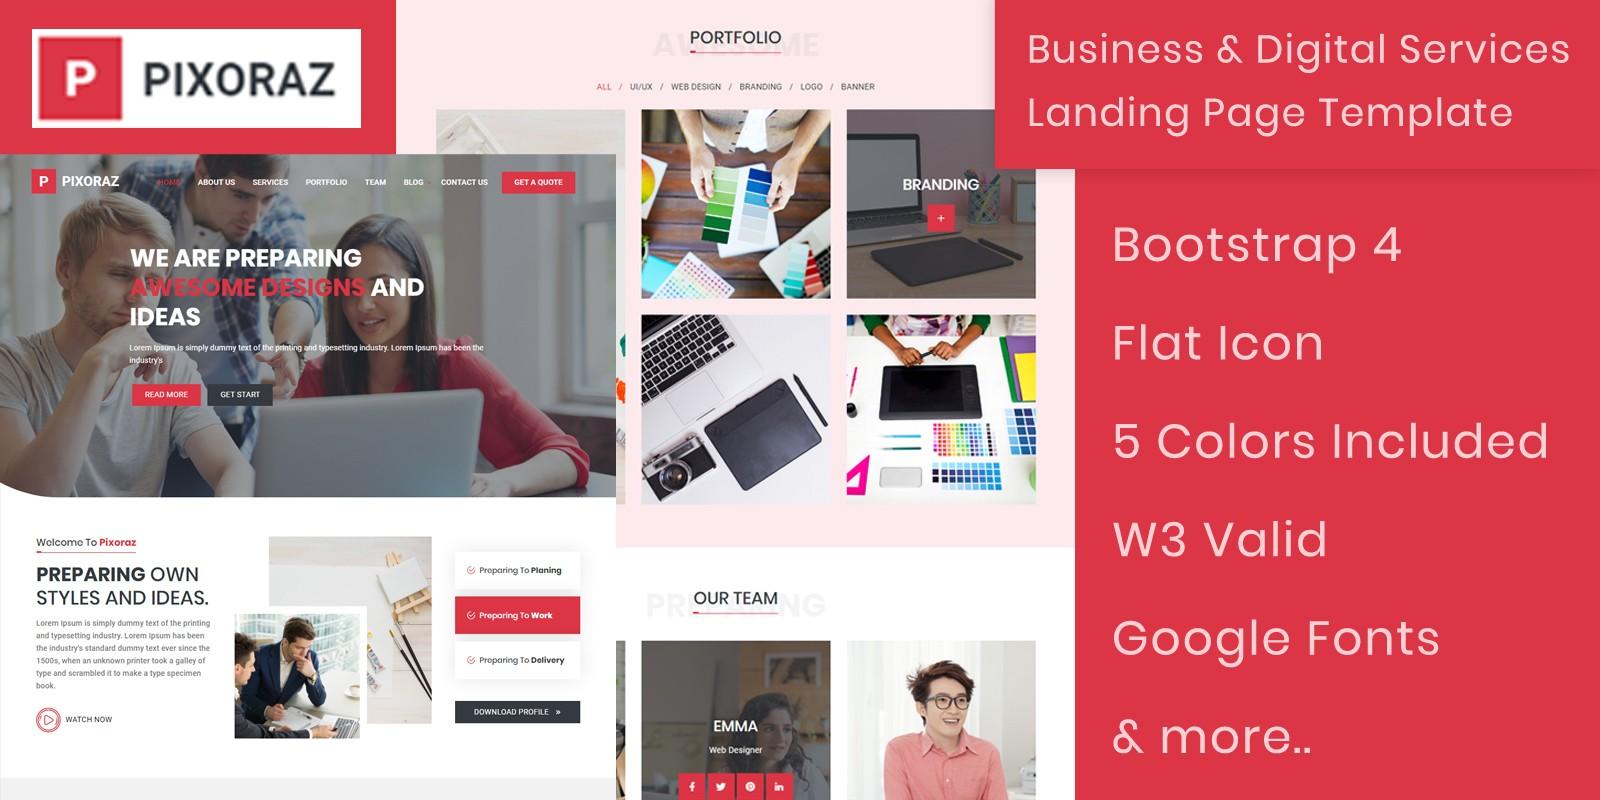 Pixoraz Landing Page